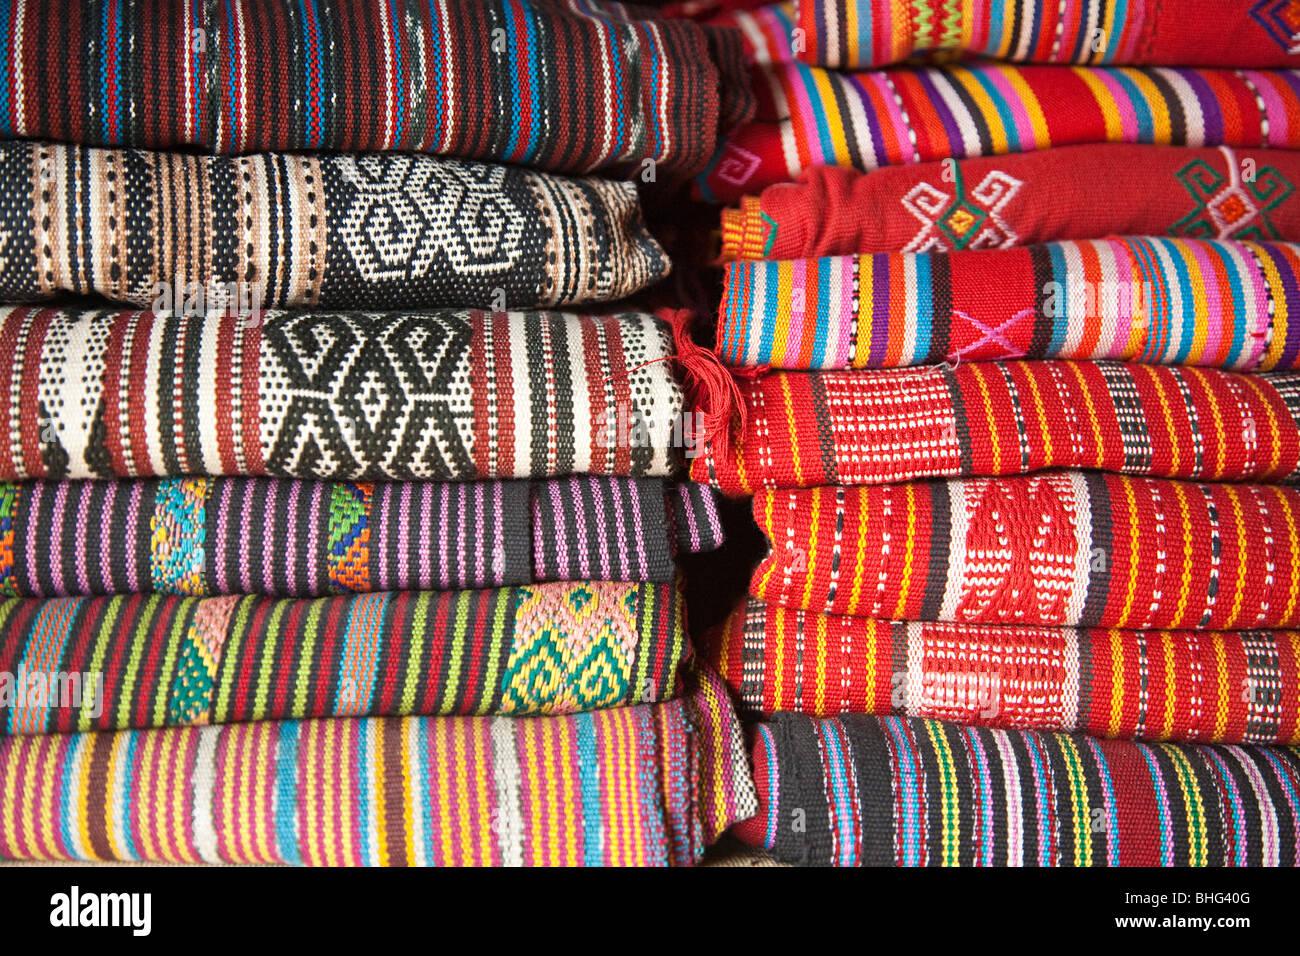 Tais tela en mercado tradicional en Dili, Timor oriental Foto de stock